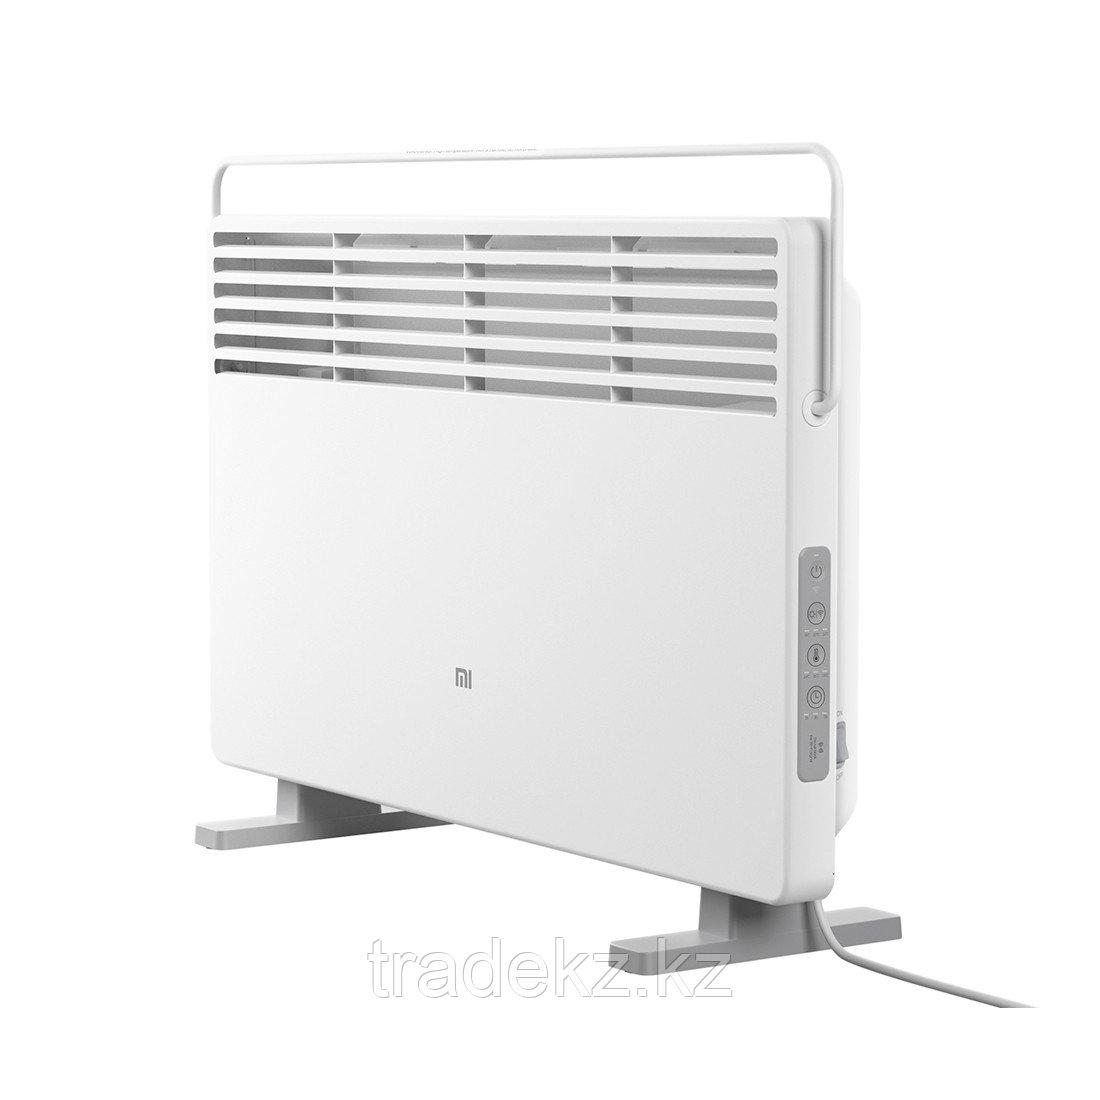 Обогреватель конвекционный Mi Smart Space Heater S WiFi